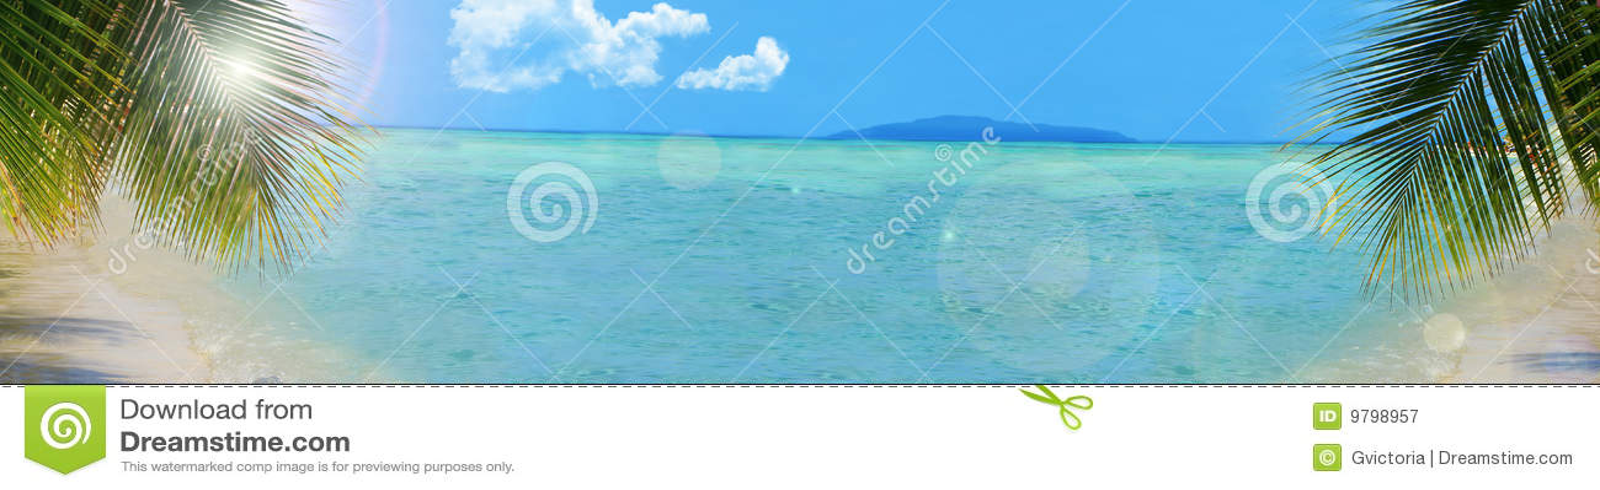 Tropische strandbanner als achtergrond